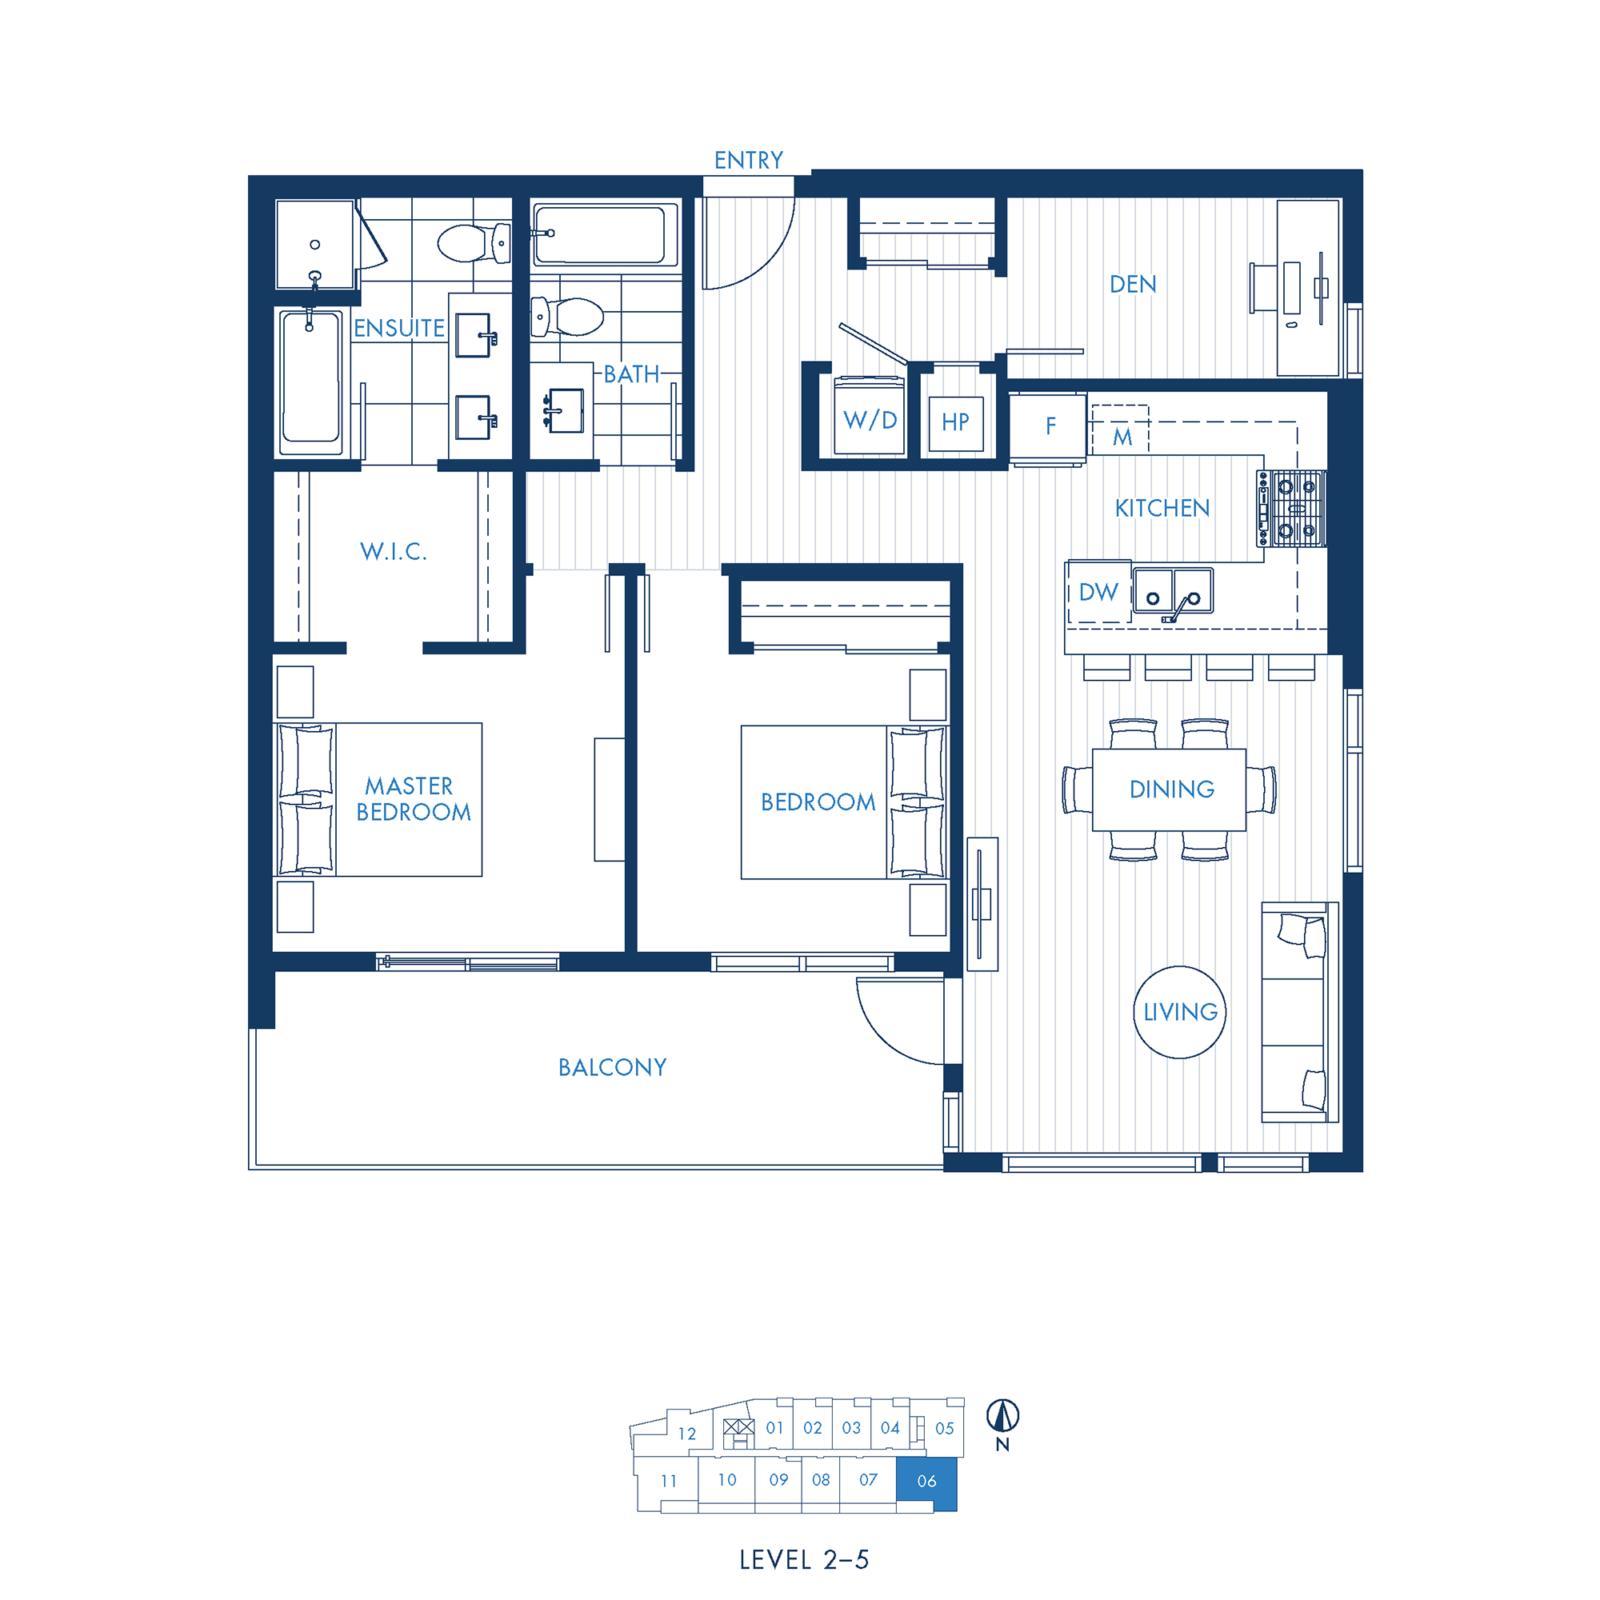 North Building Plan C1